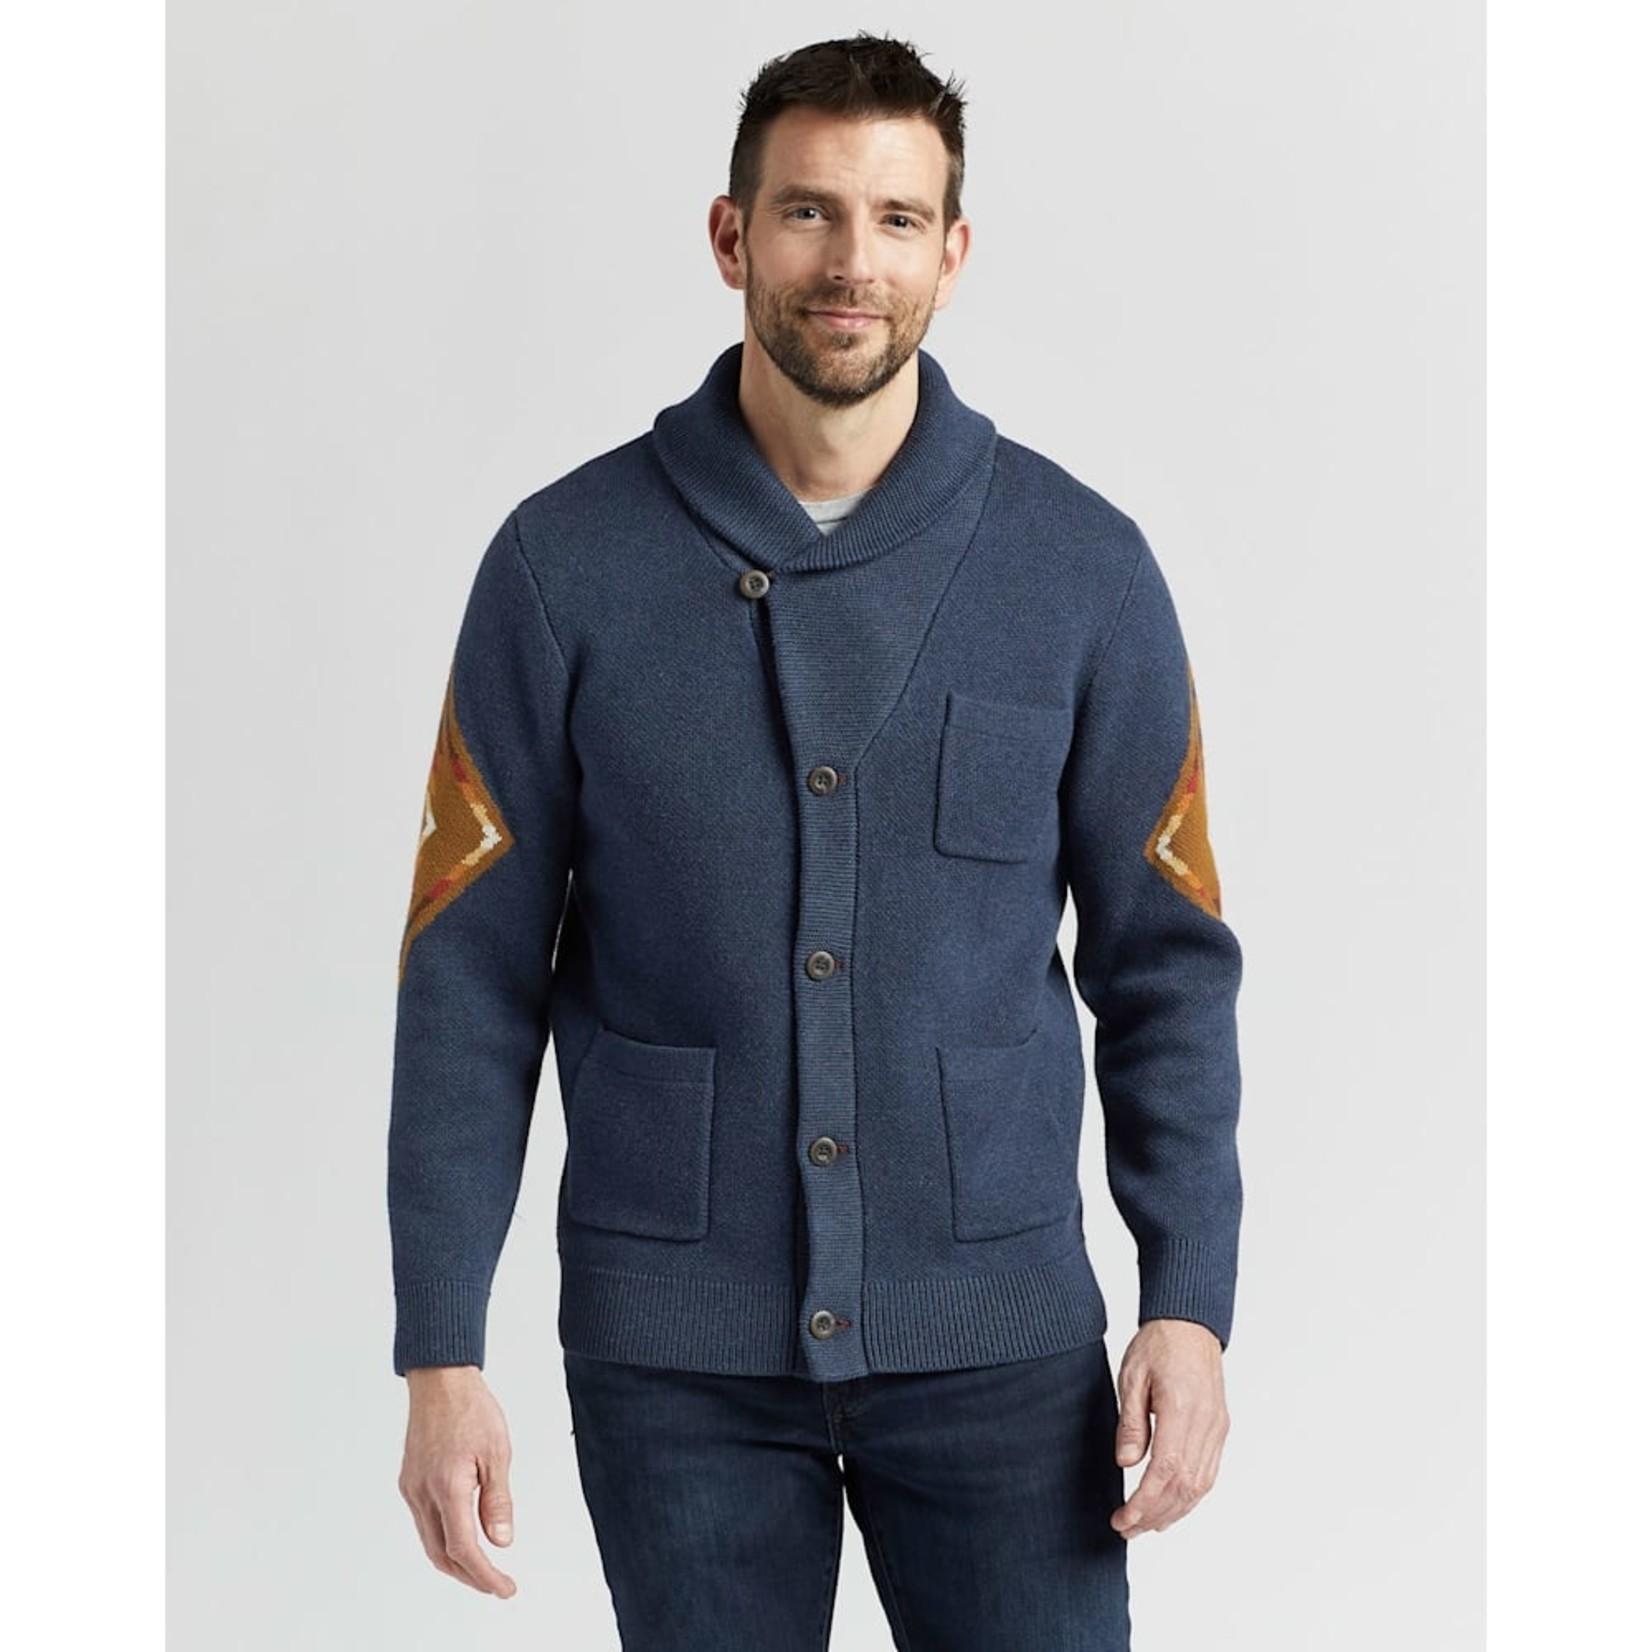 Pendleton Pendleton Shawl Sweater RF627-74015